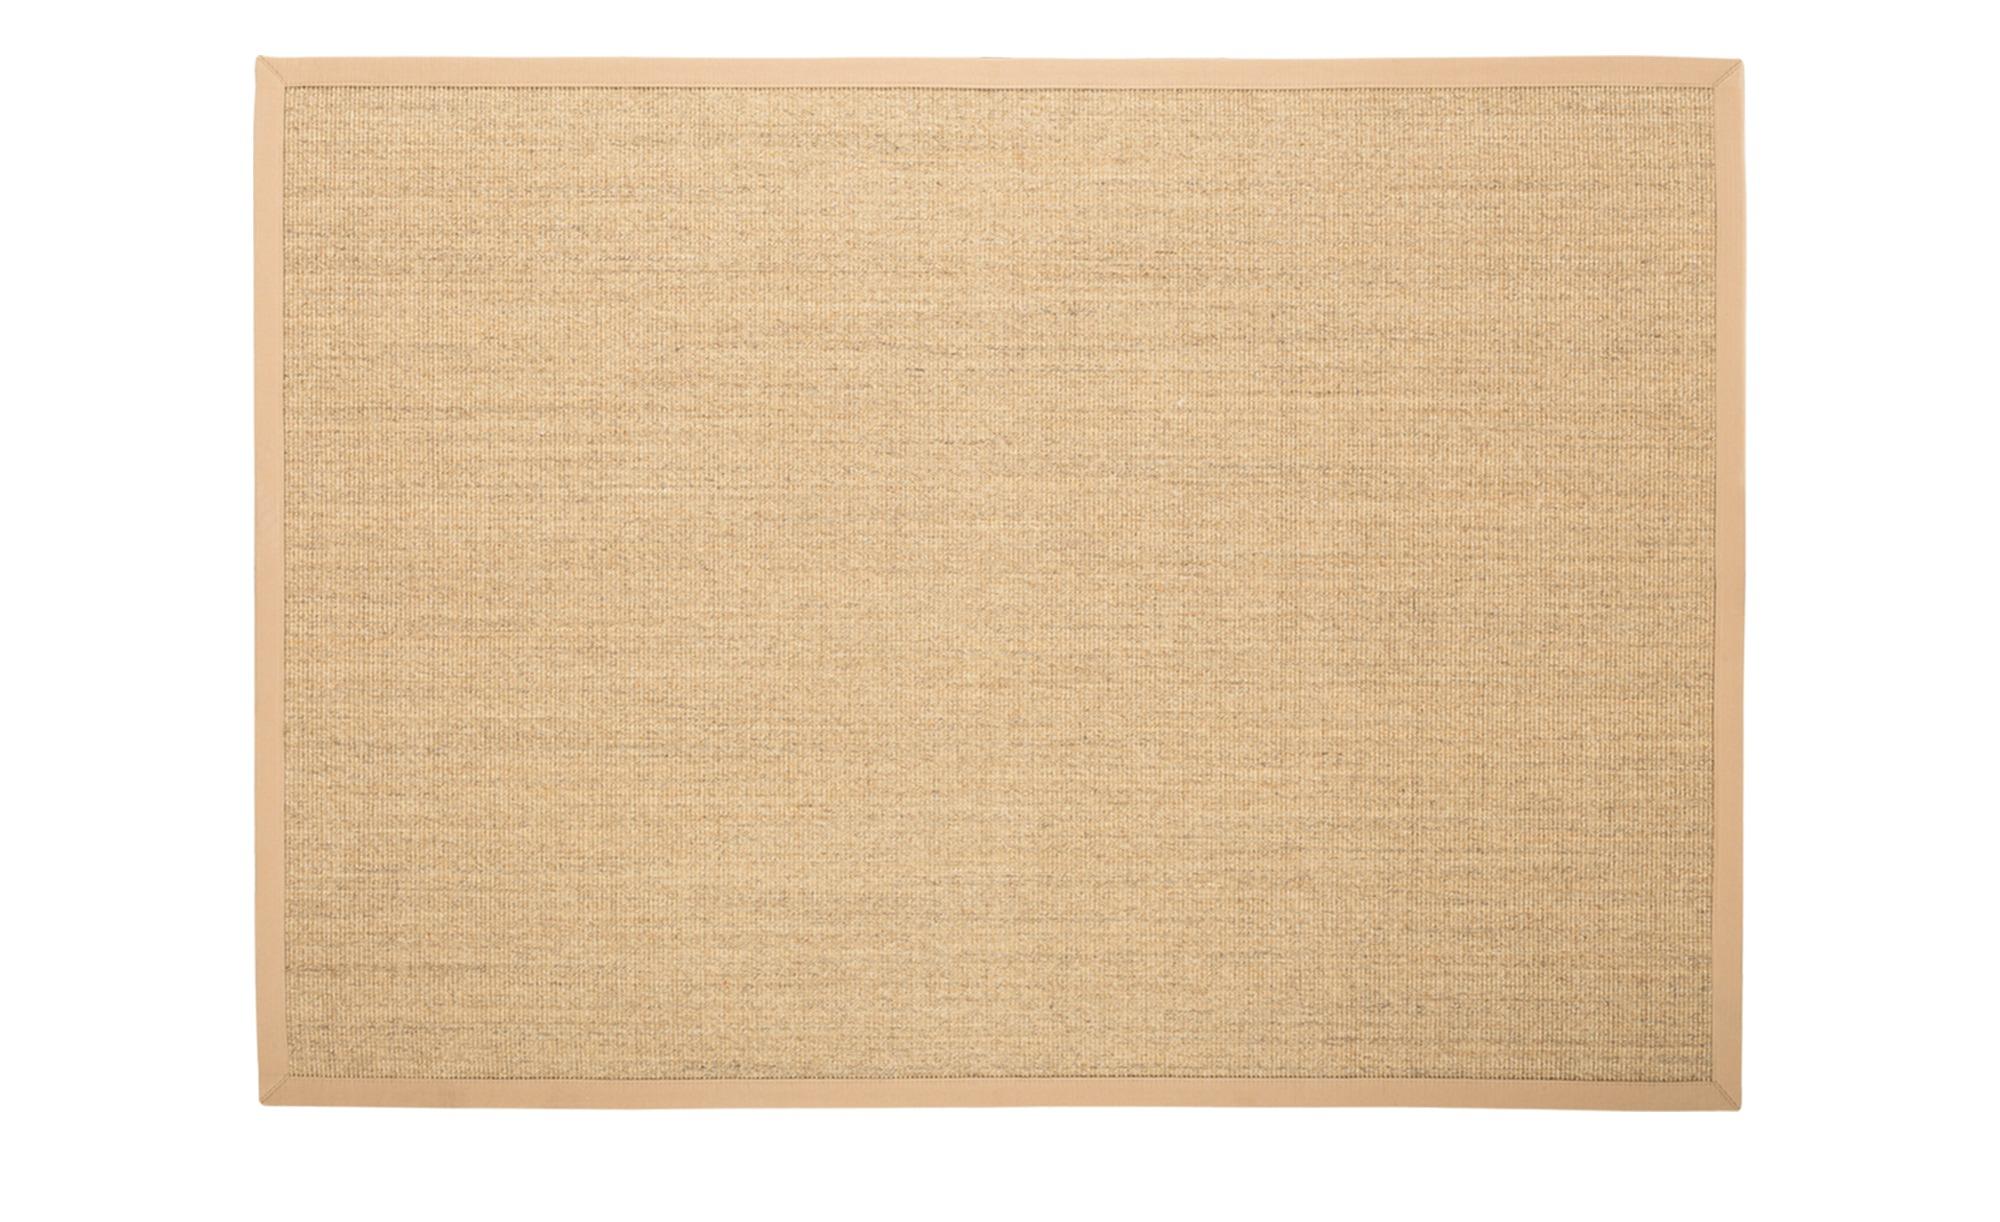 sisal teppich manaus breite 140 cm h he creme online kaufen bei woonio. Black Bedroom Furniture Sets. Home Design Ideas